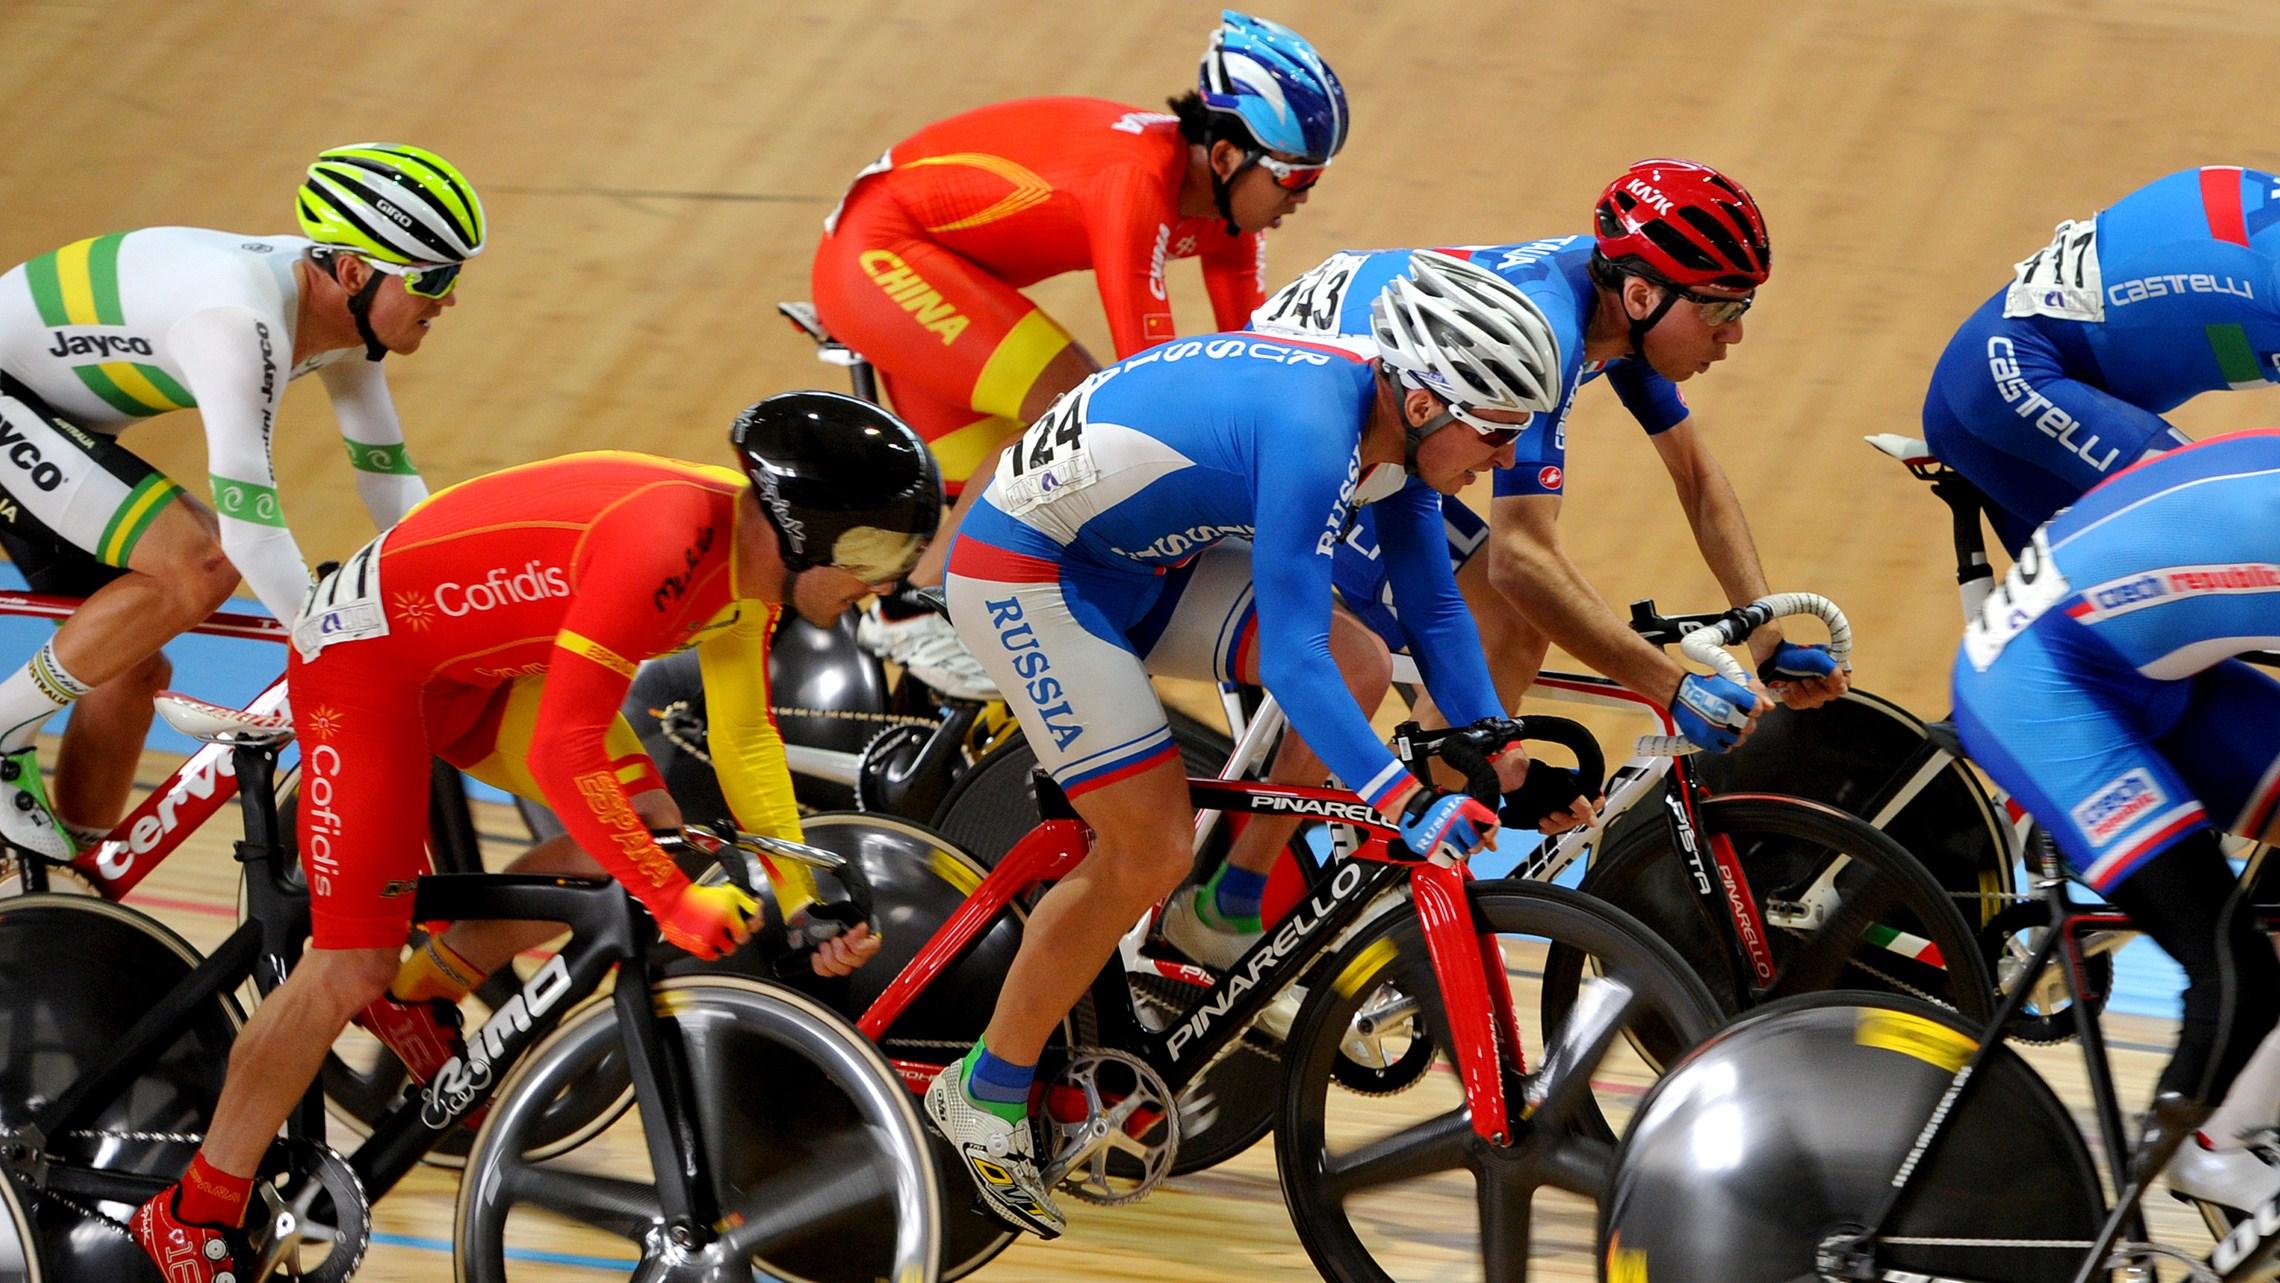 Россиянин Алексей Обыденнов завоевал золотую медаль на чемпионате мира по велоспорту в Италии, Сергей Пудов выиграл бронзовую награду